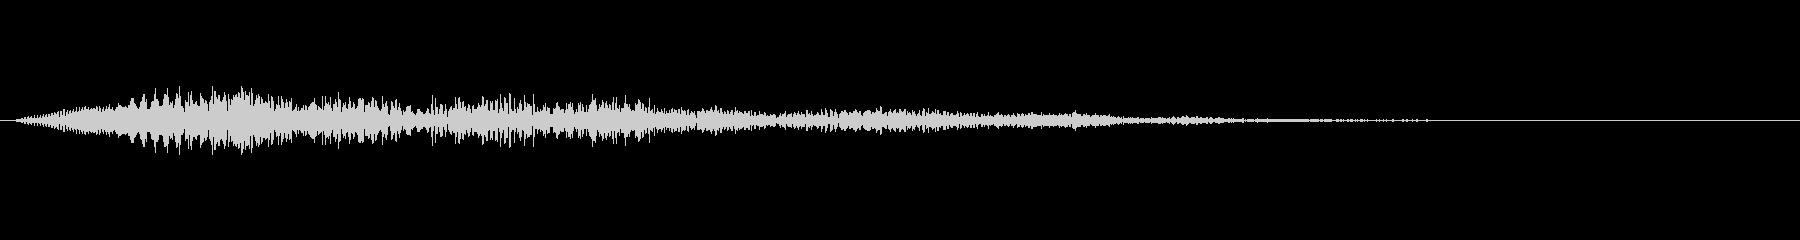 嫌な予感(ノイズ)1の未再生の波形